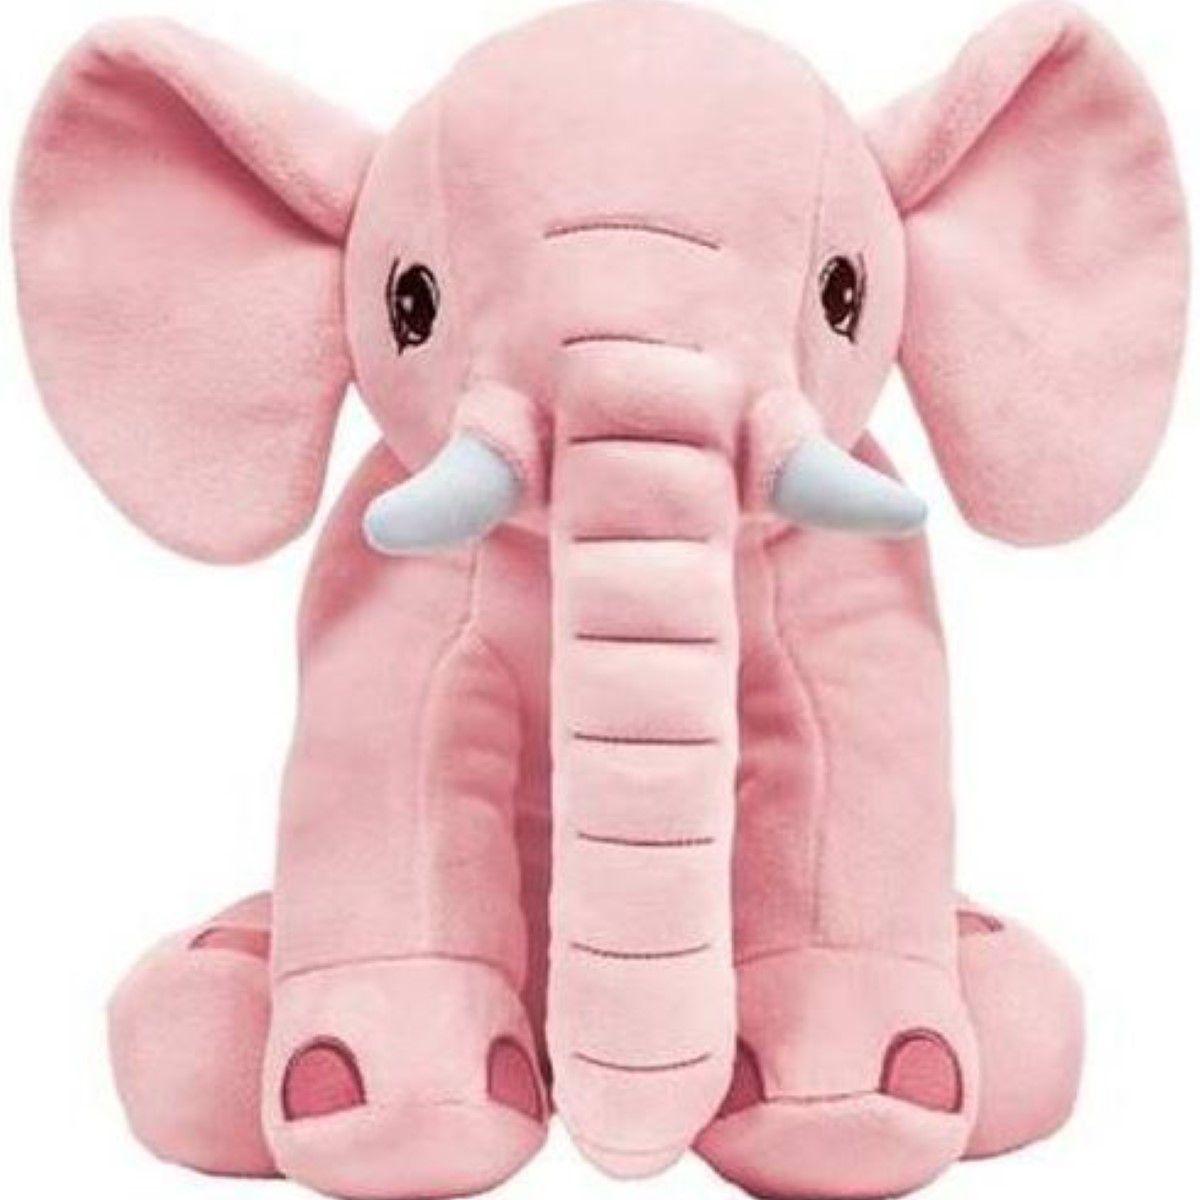 Elefante  Almofada Pelucia Extra Macia Rosa Antialergica Para Criança Protecao Para O Bebe Menina Buba Baby.